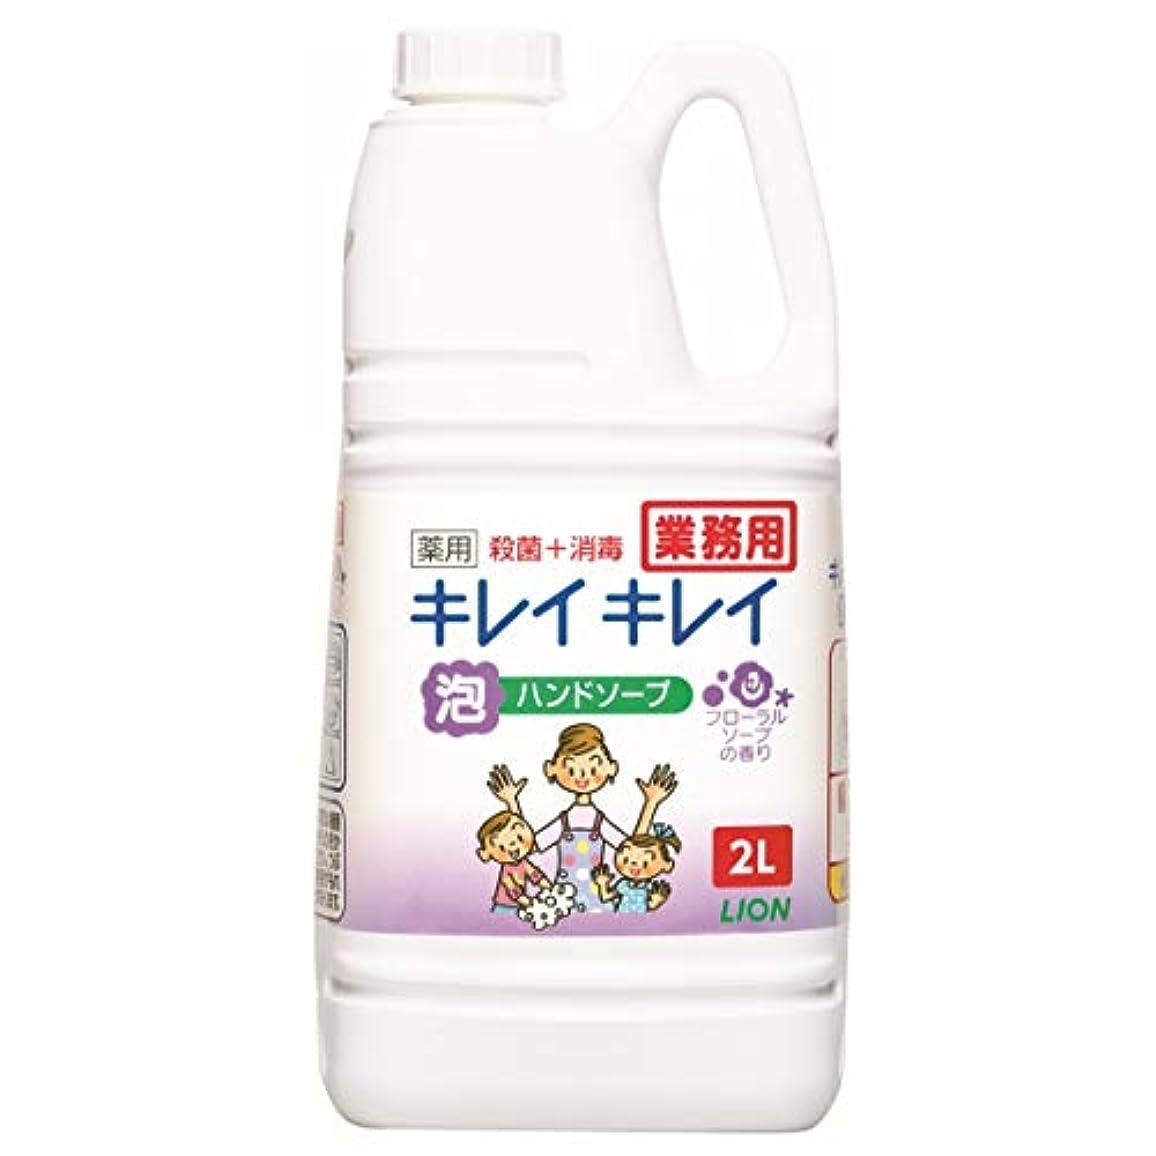 申し込む本質的に突然【大容量】キレイキレイ 薬用泡ハンドソープ フローラルソープの香り 2L